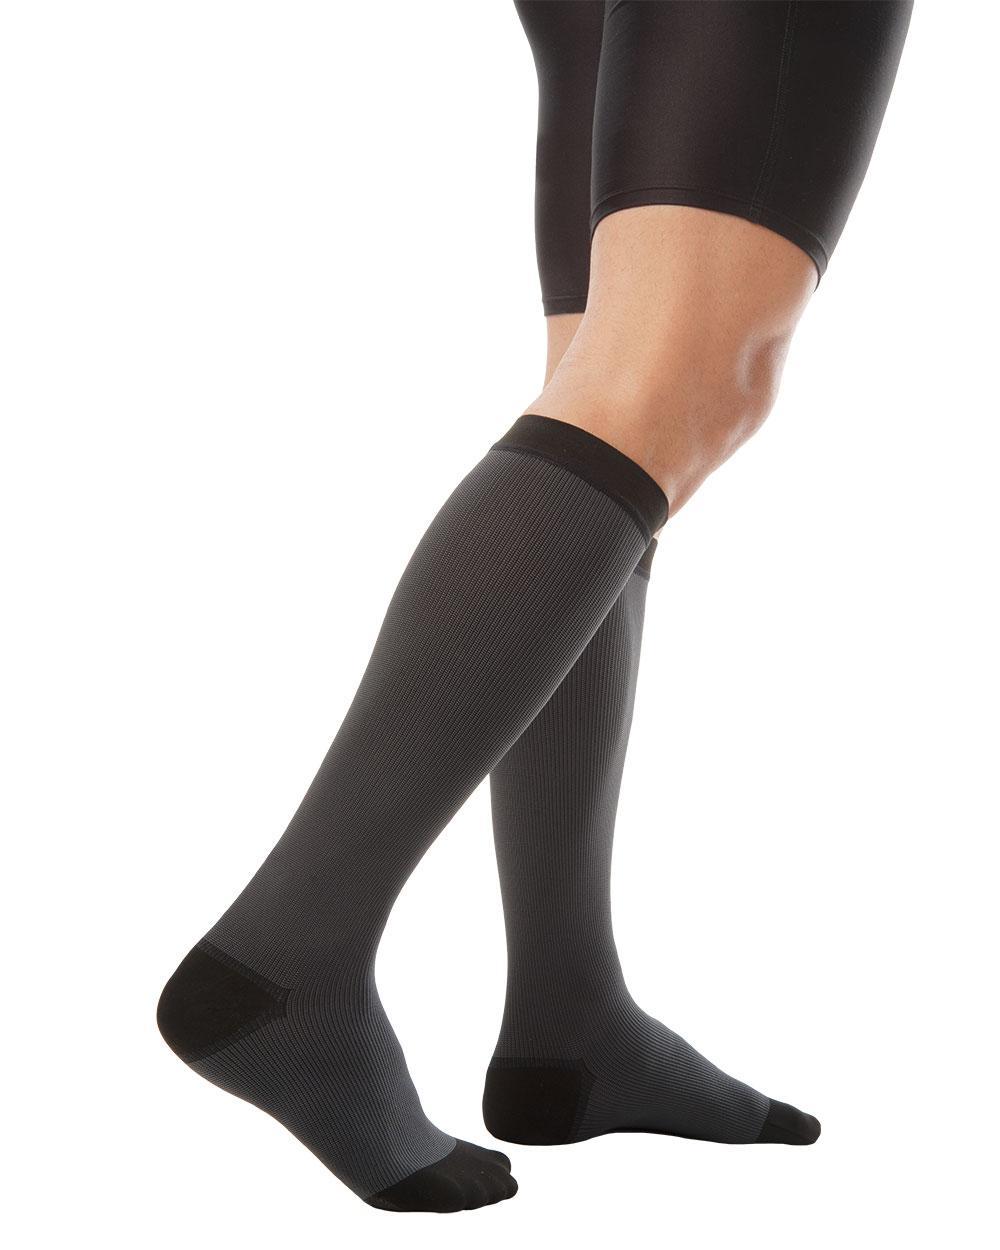 Антиварикозные чулки для мужчин 2 класса компрессии Variteks до колен с закрытым носком